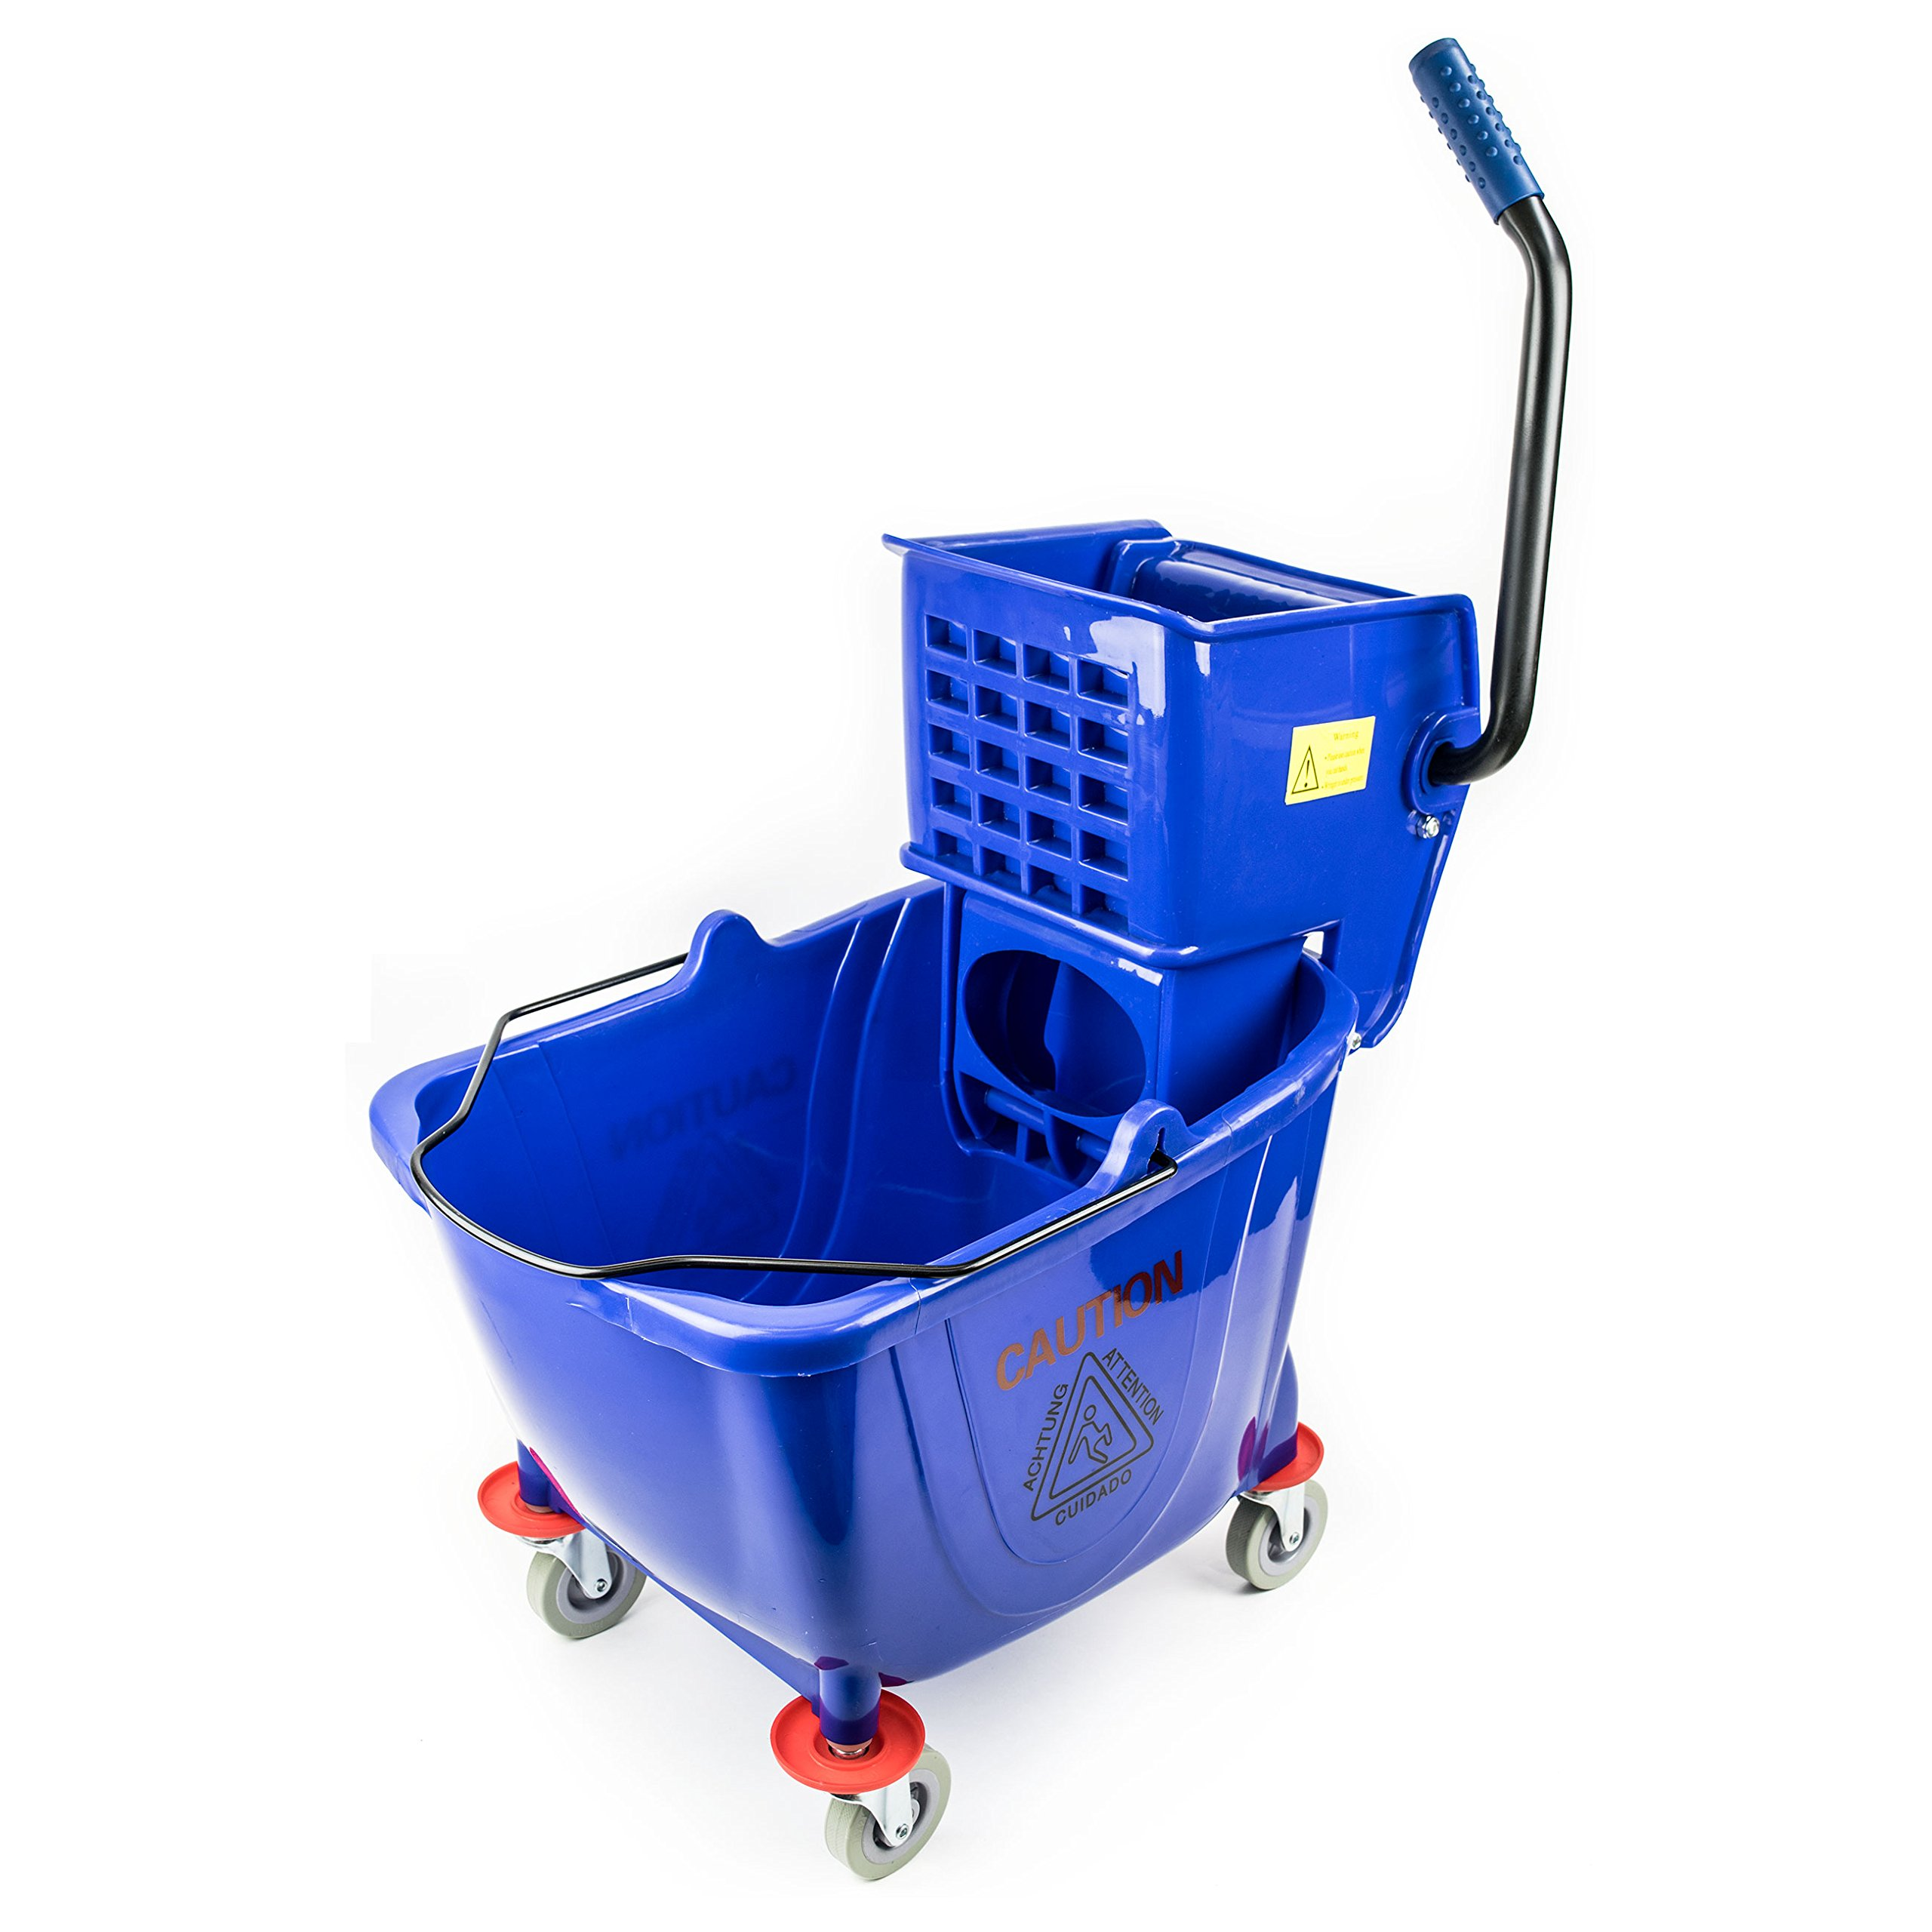 RK Safety RKMB36-BLU Commercial Side Press Wringer Mop Bucket 36 qt / 9 gal (Blue)